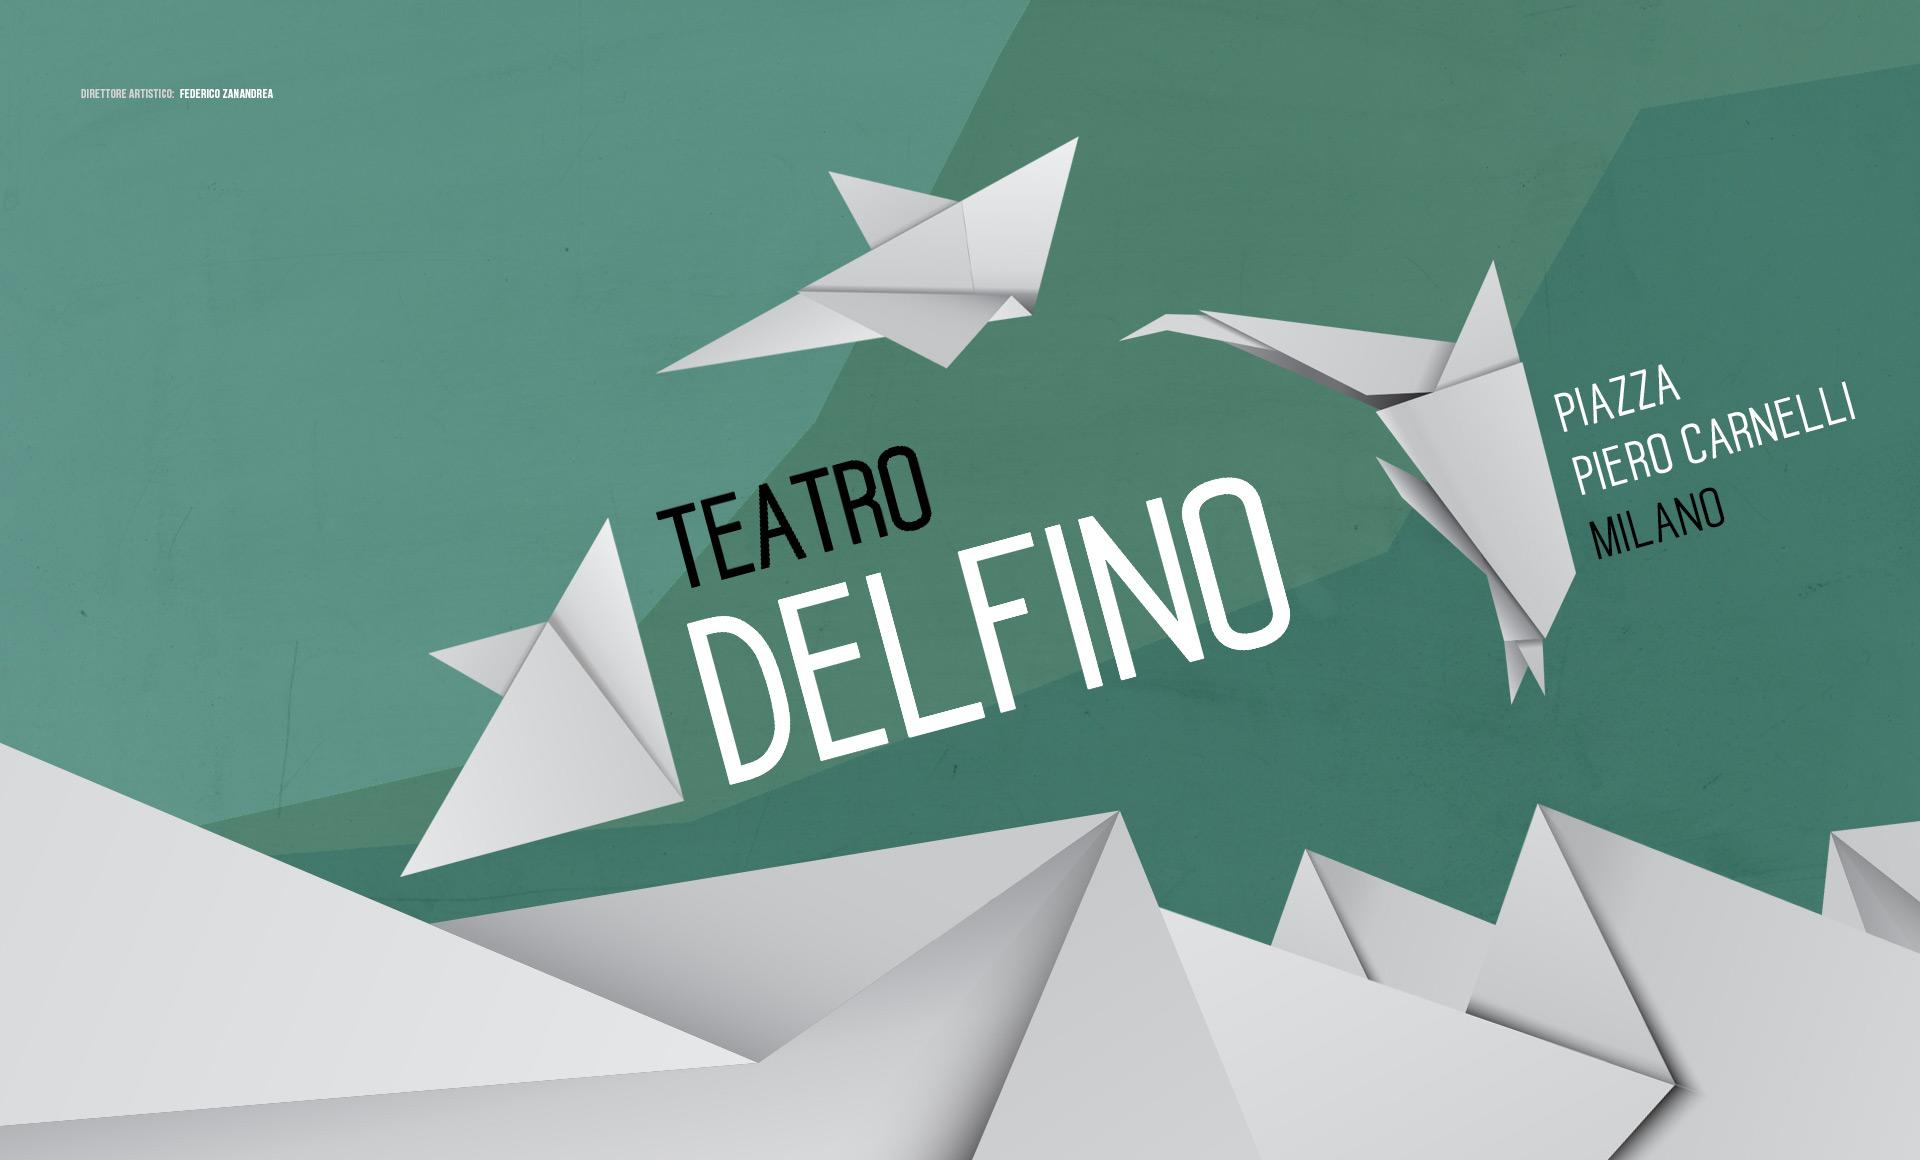 teatro delfino piazza piero carnelli milano